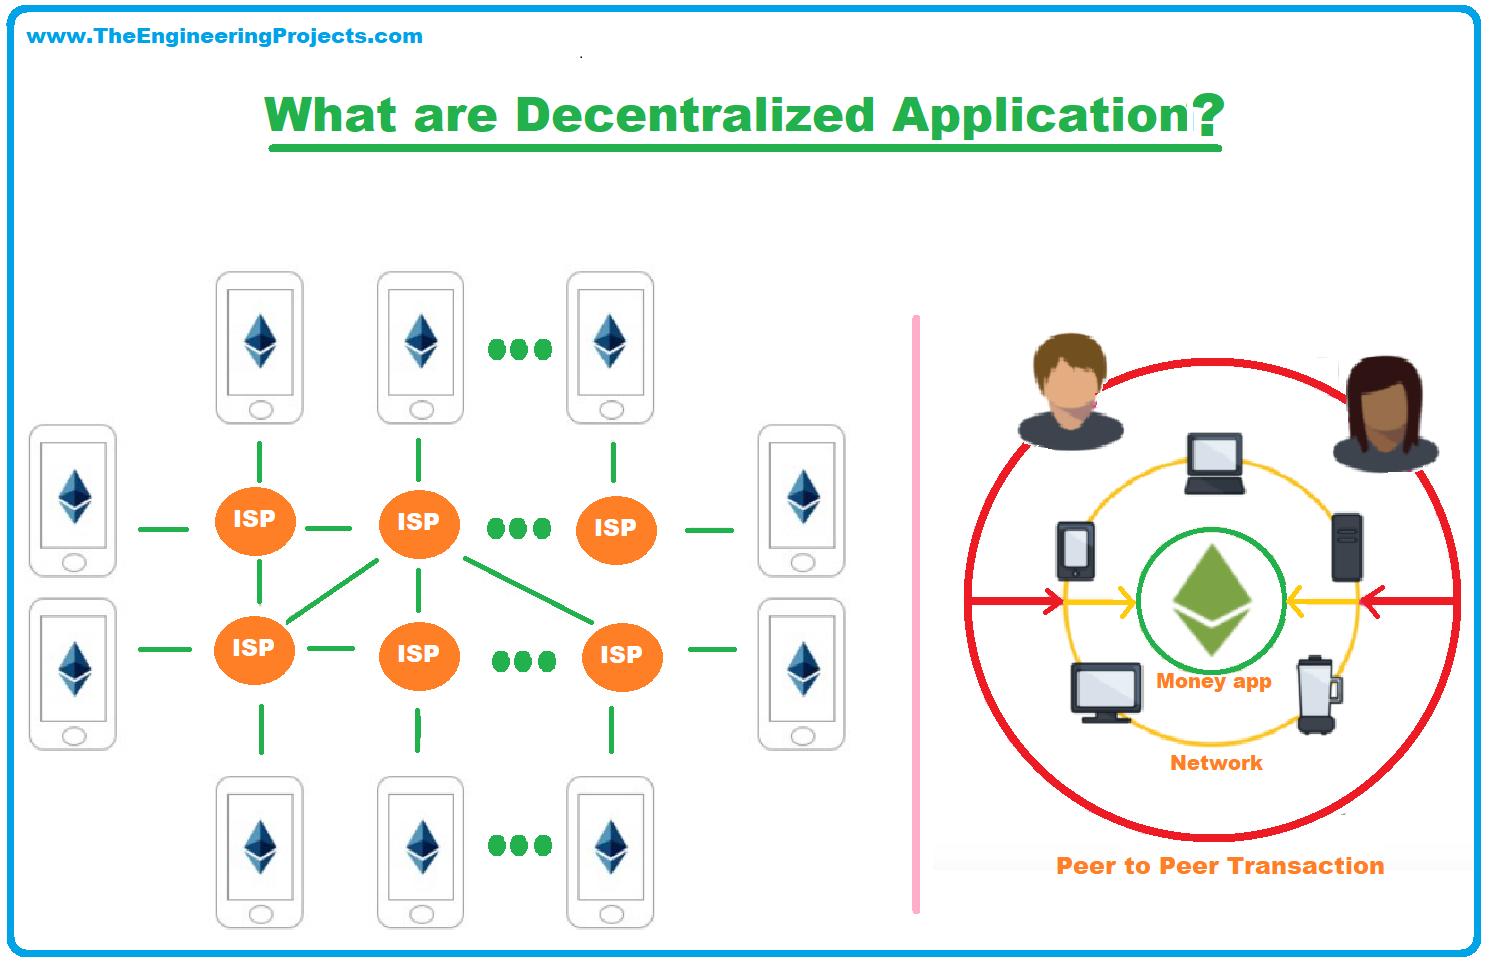 dapps, Decentralized Application, DApp, Decentralized Application ethereum, Centralized Application VS Decentralized Application, Features of a DApp, Tools for Developing DApp, Decentralized Applications Development